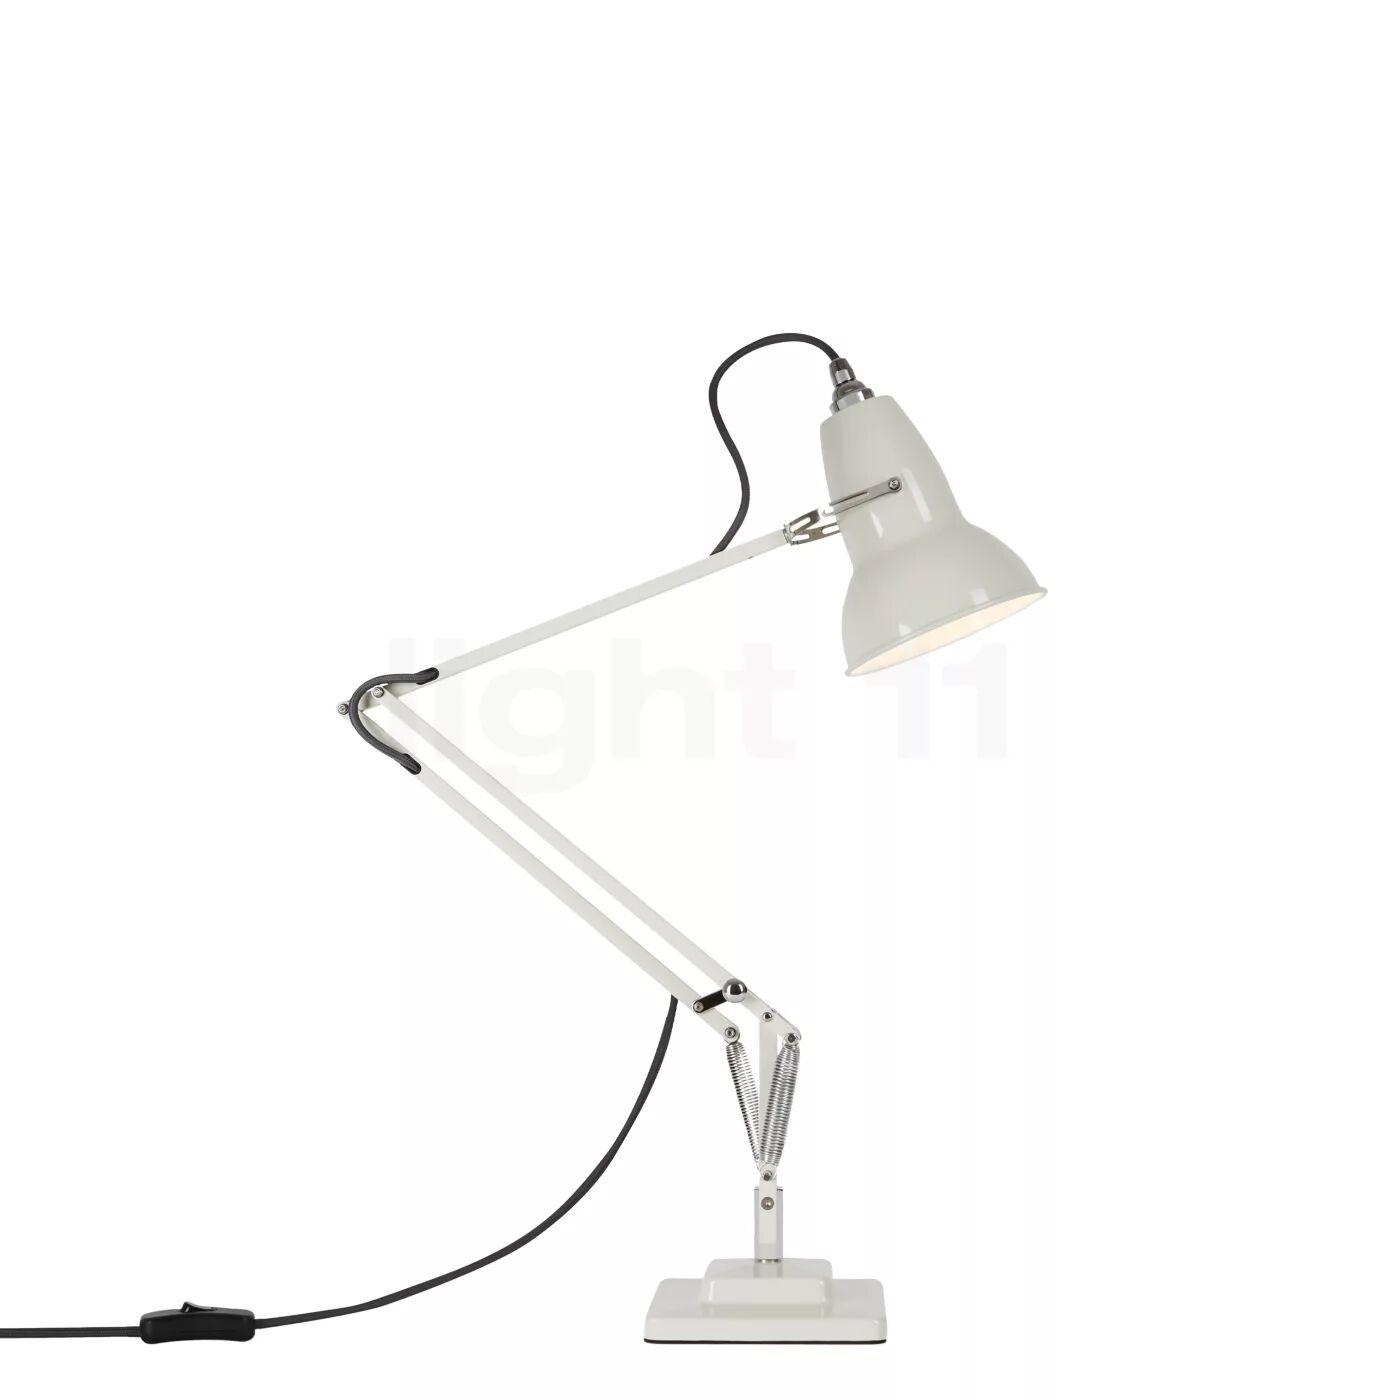 Anglepoise Original 1227 Lampe de bureau, lin blanc / câble gris